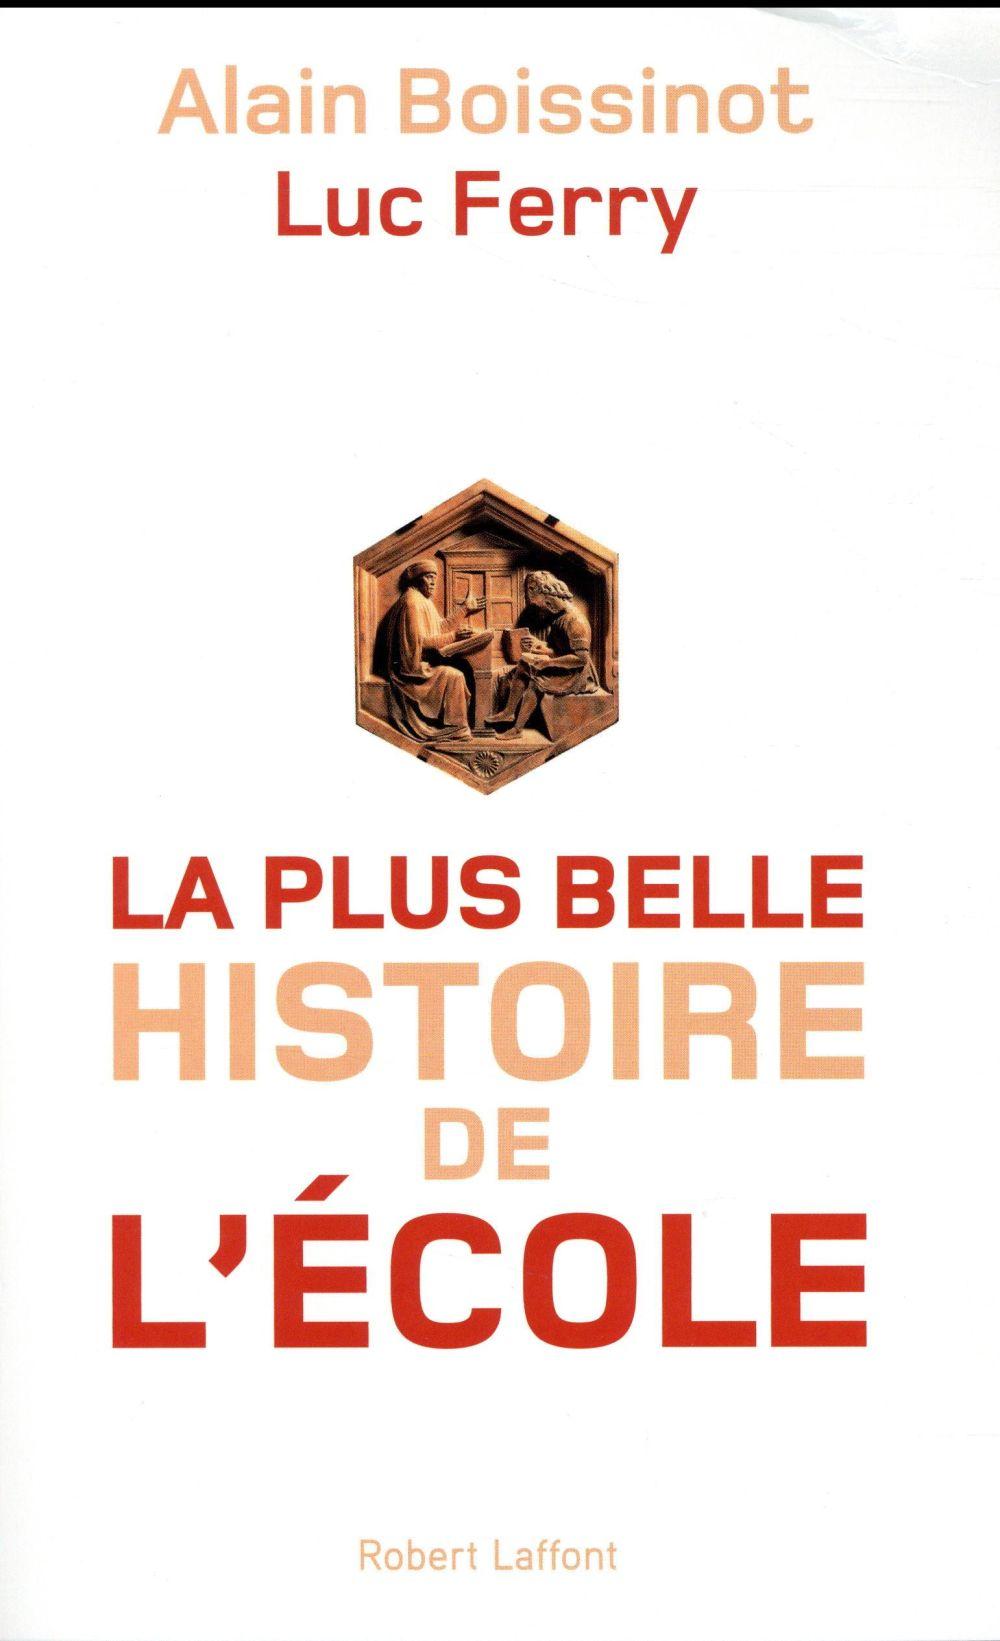 LA PLUS BELLE HISTOIRE DE L'ECOLE